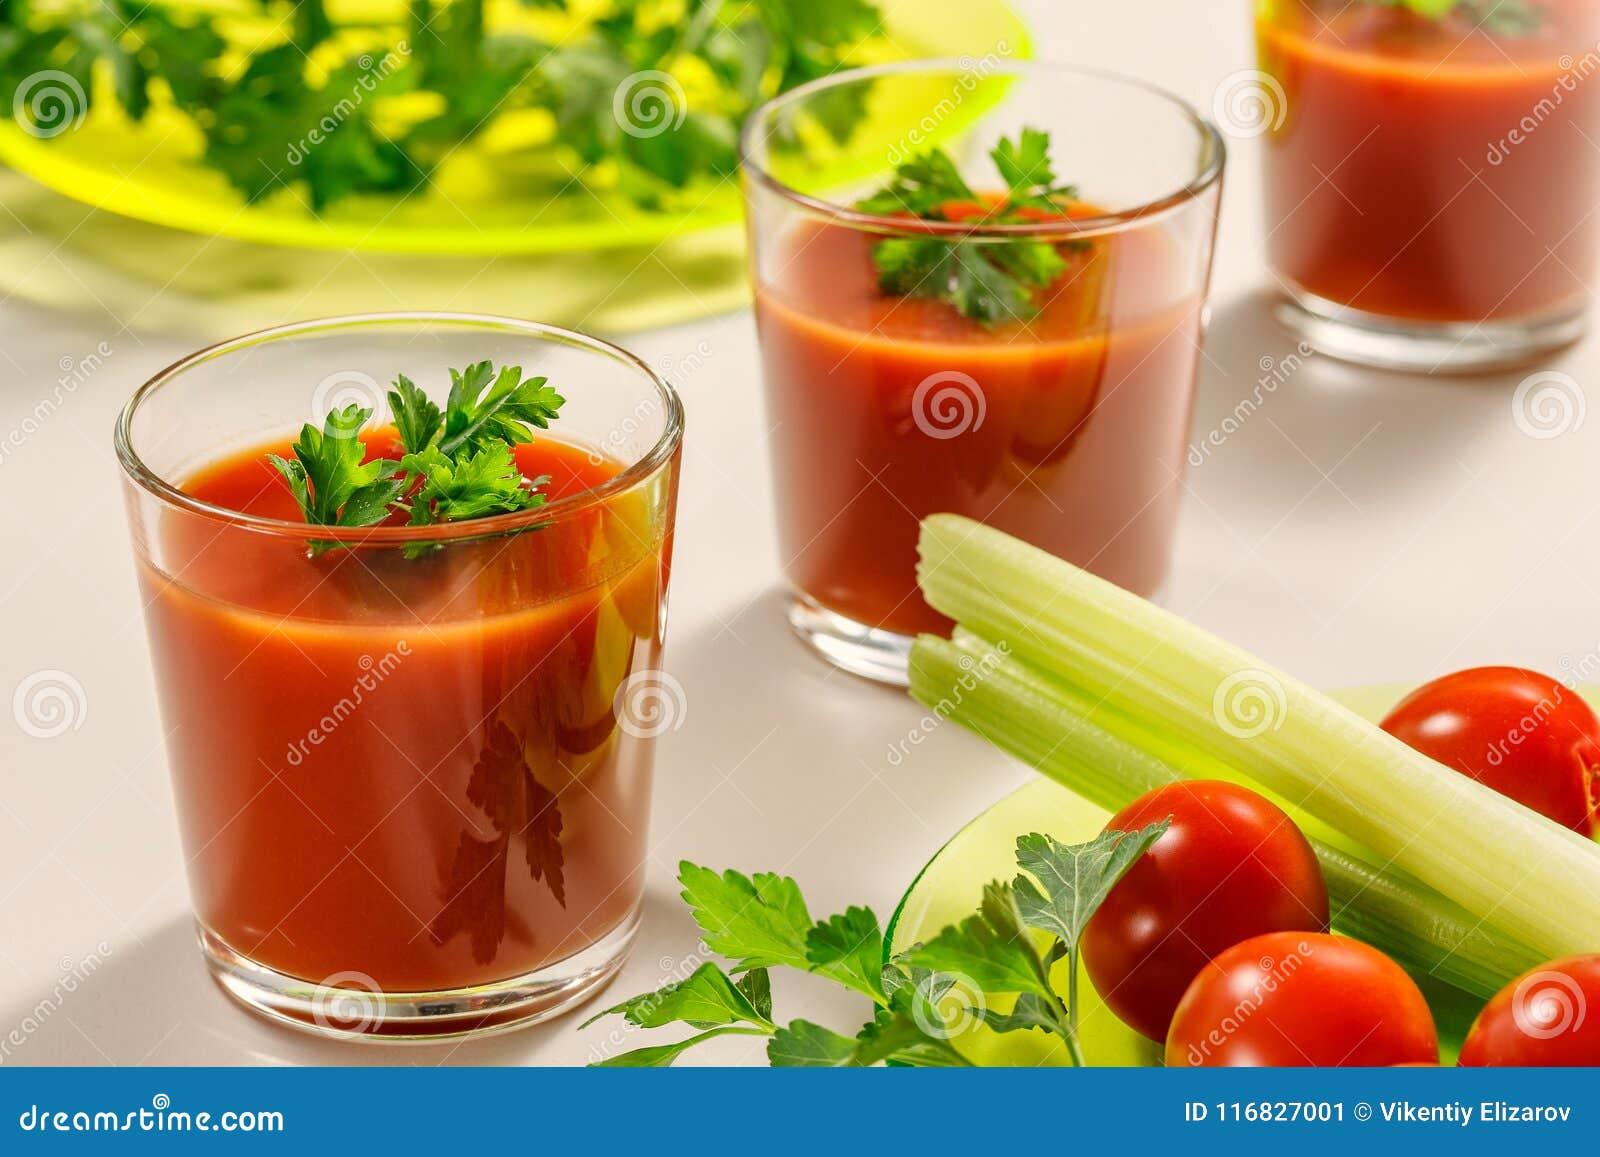 Τρία ποτήρια του χυμού ντοματών που διακοσμούνται με τα φύλλα μαϊντανού ή κορίανδρου Έπειτα είναι ένα πιάτο του μαϊντανού, των ντ